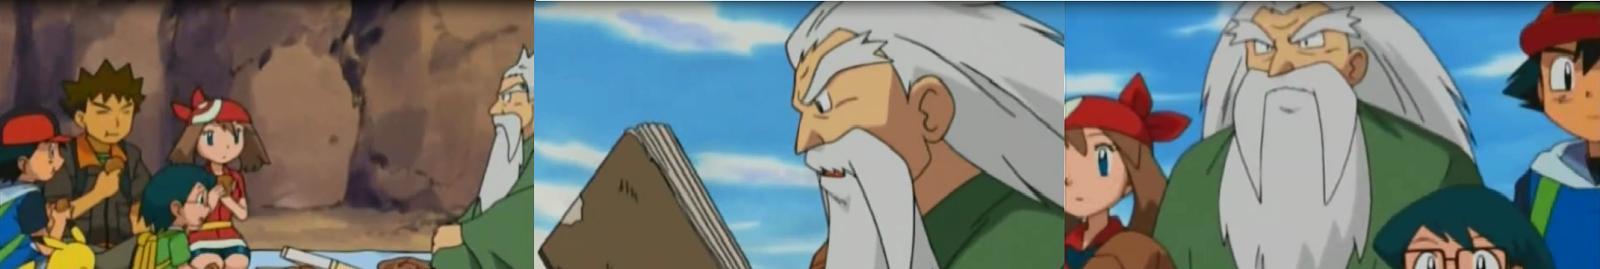 Pokemon Capitulo 12 Temporada 8 Claydol, El Gigante